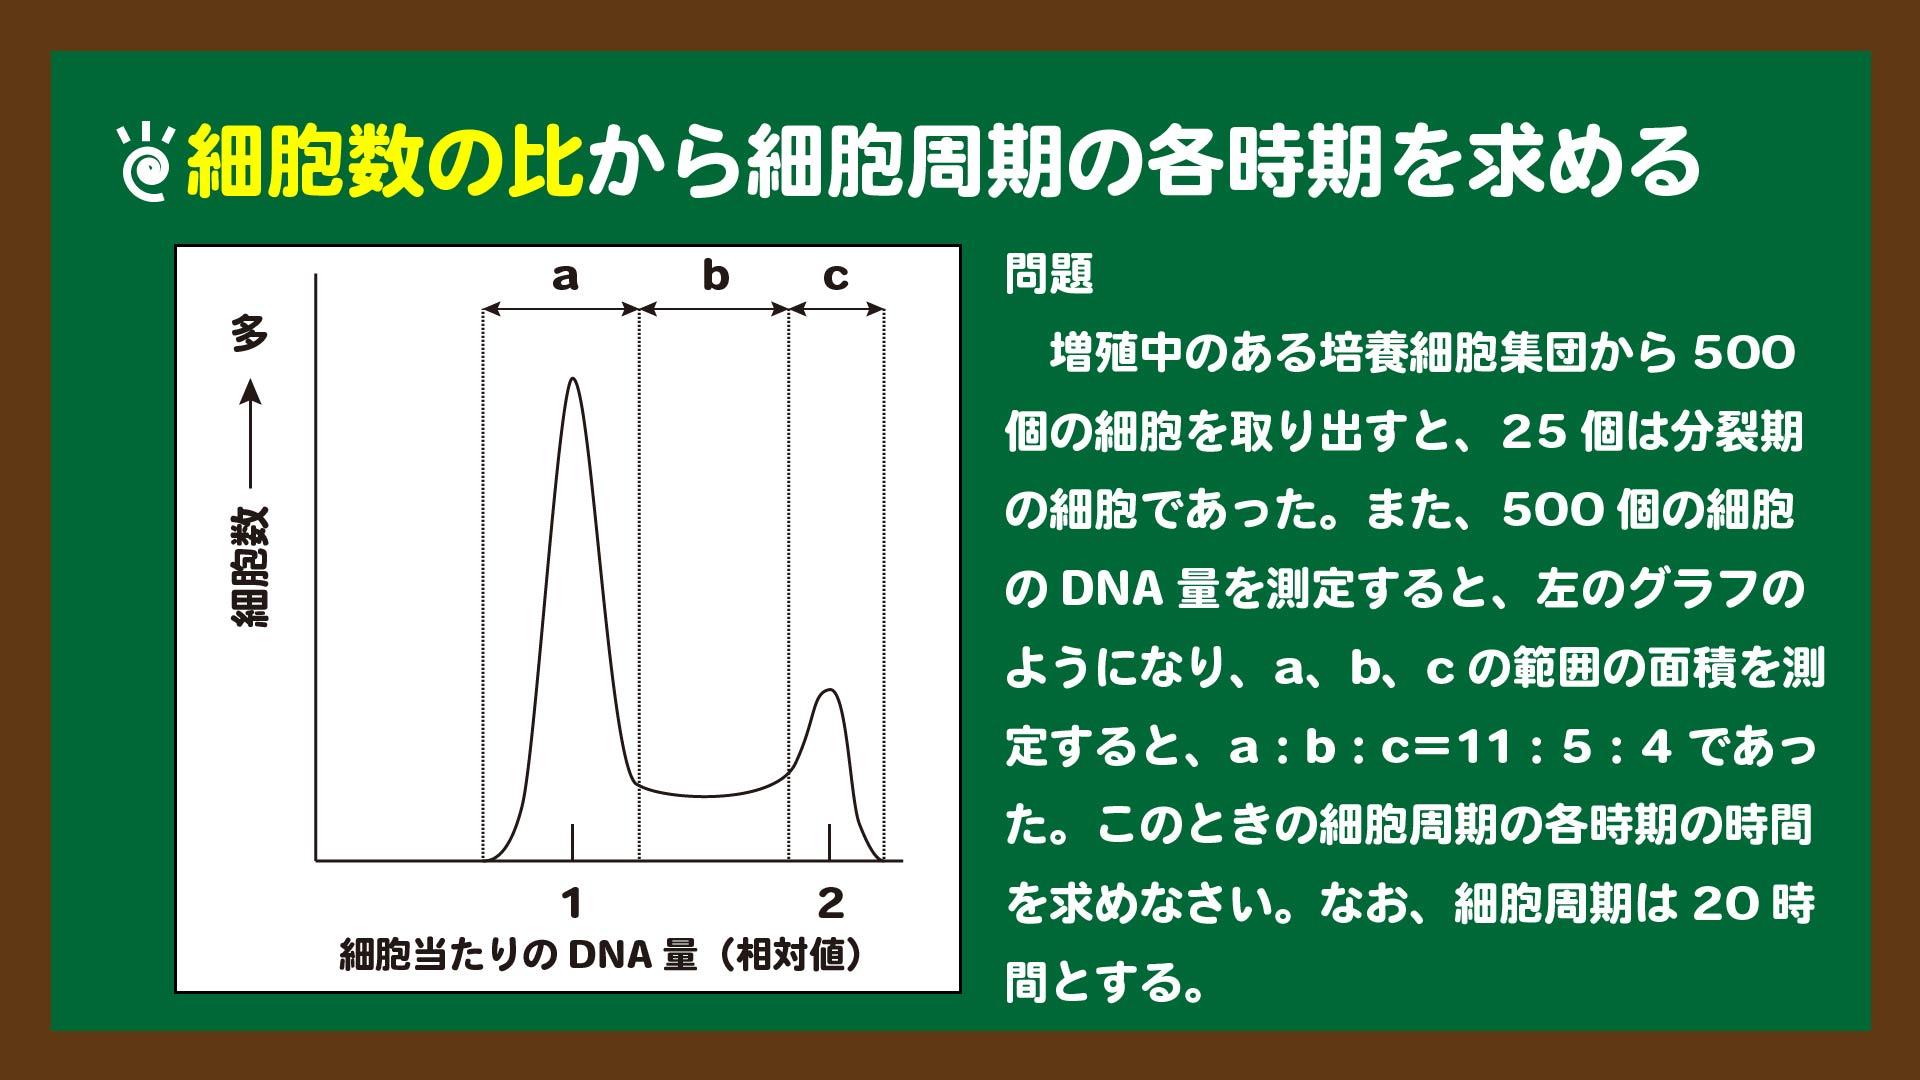 スライド11:細胞数の比から細胞周期の各時期を求める問題